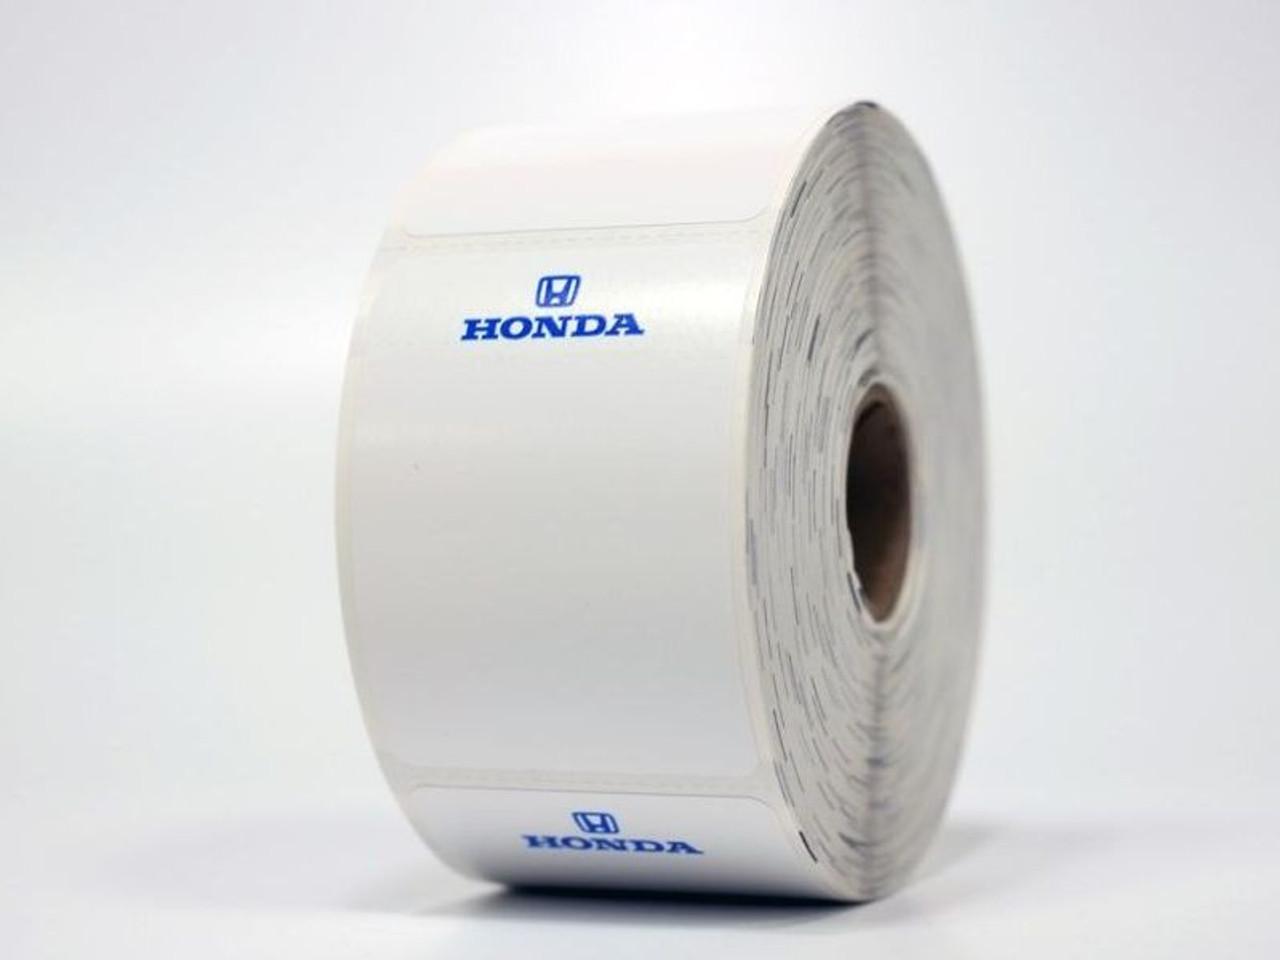 Honda Oil Change Stickers - printer compatible!